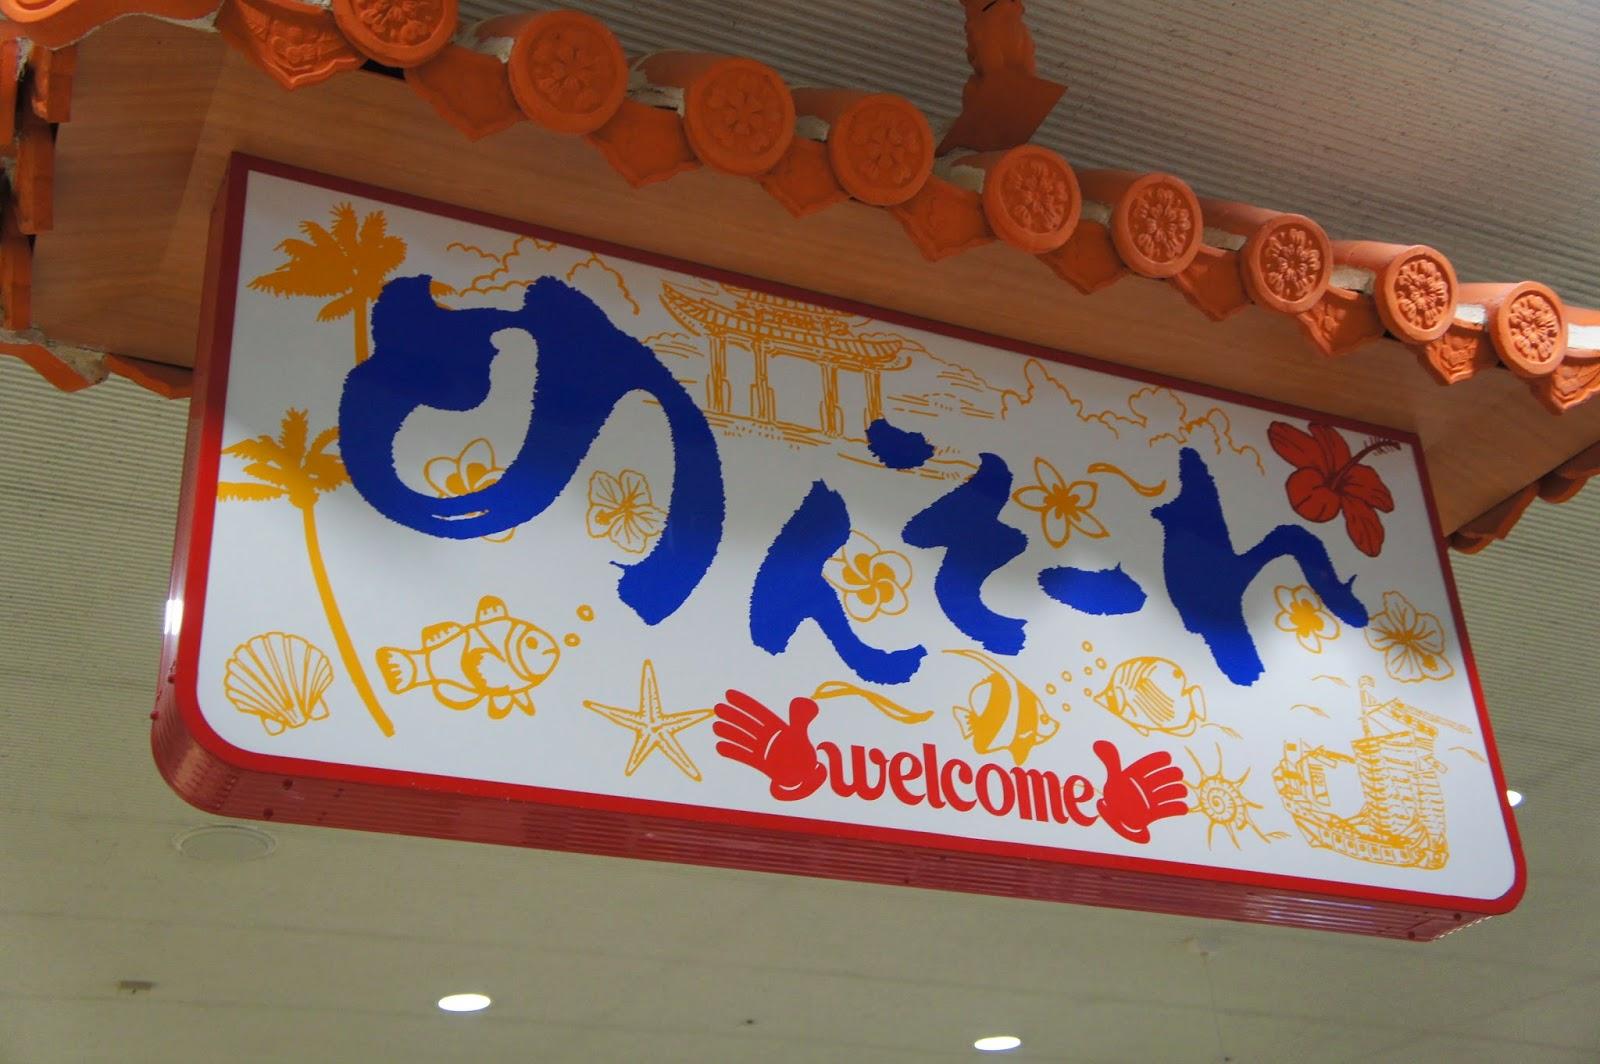 【沖縄01】万座毛っていやらしい名前だよね。w